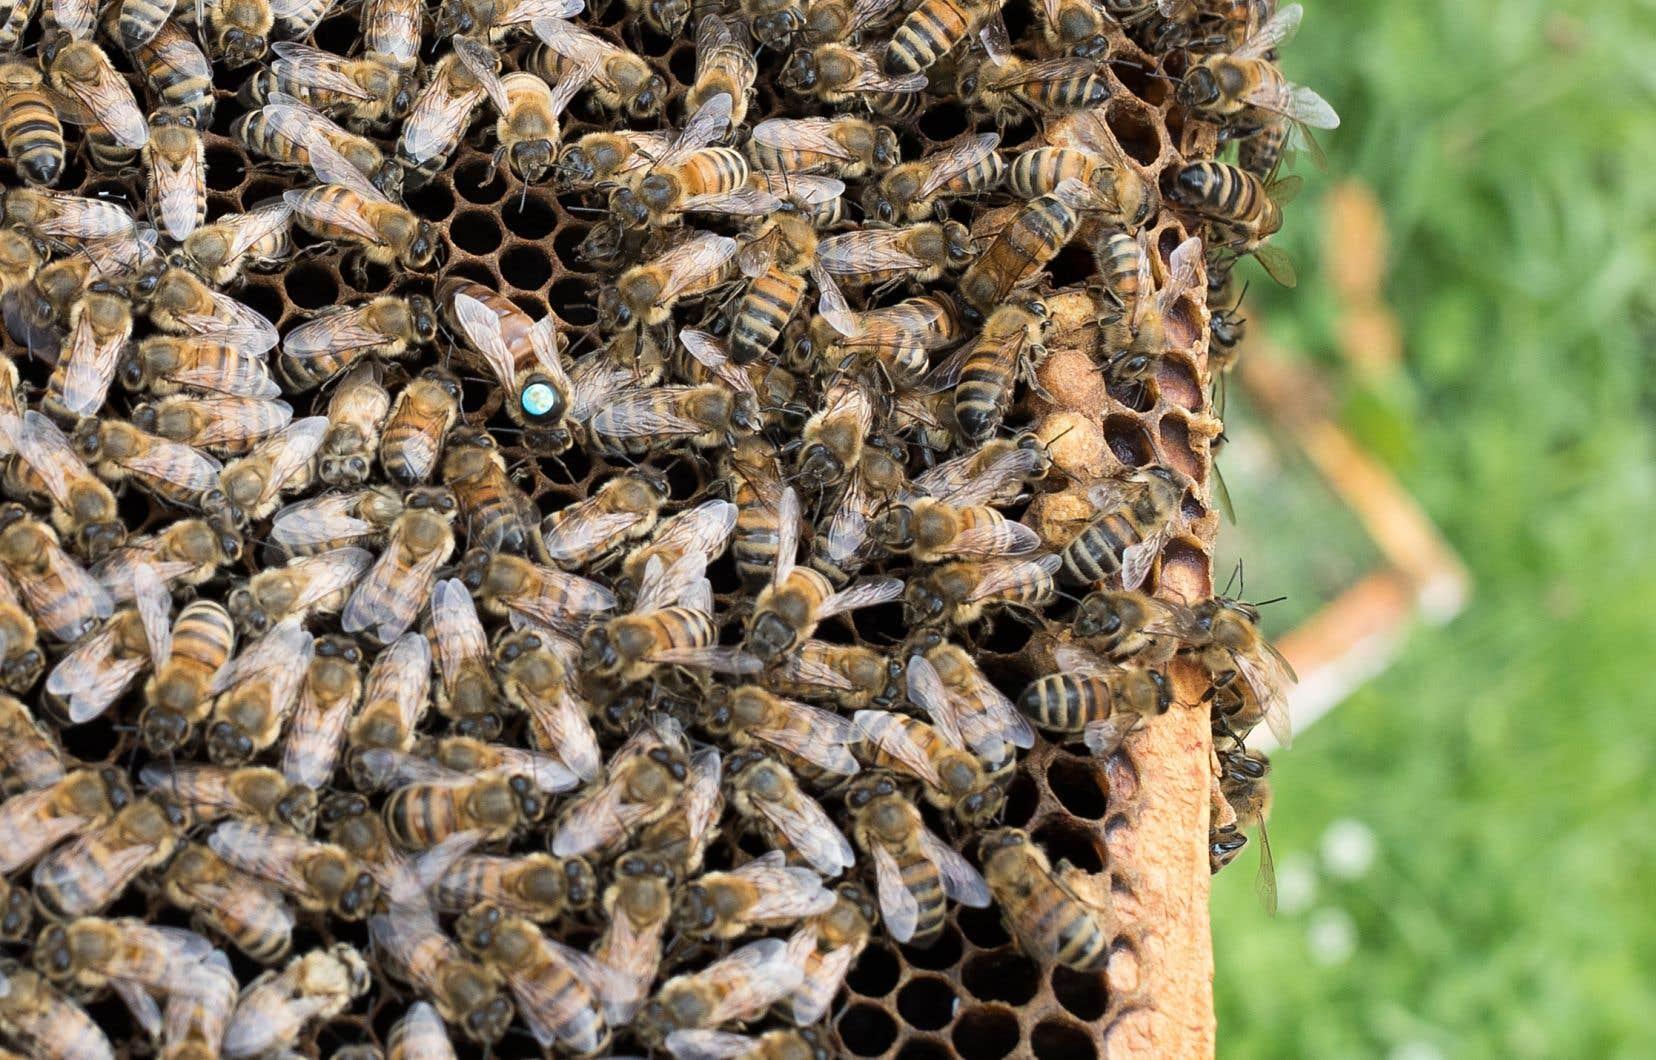 Les Apiculteurs et apicultrices du Québec critiquent l'utilisation systémique de néonicotinoïdes, qui menace les pollinisateurs.